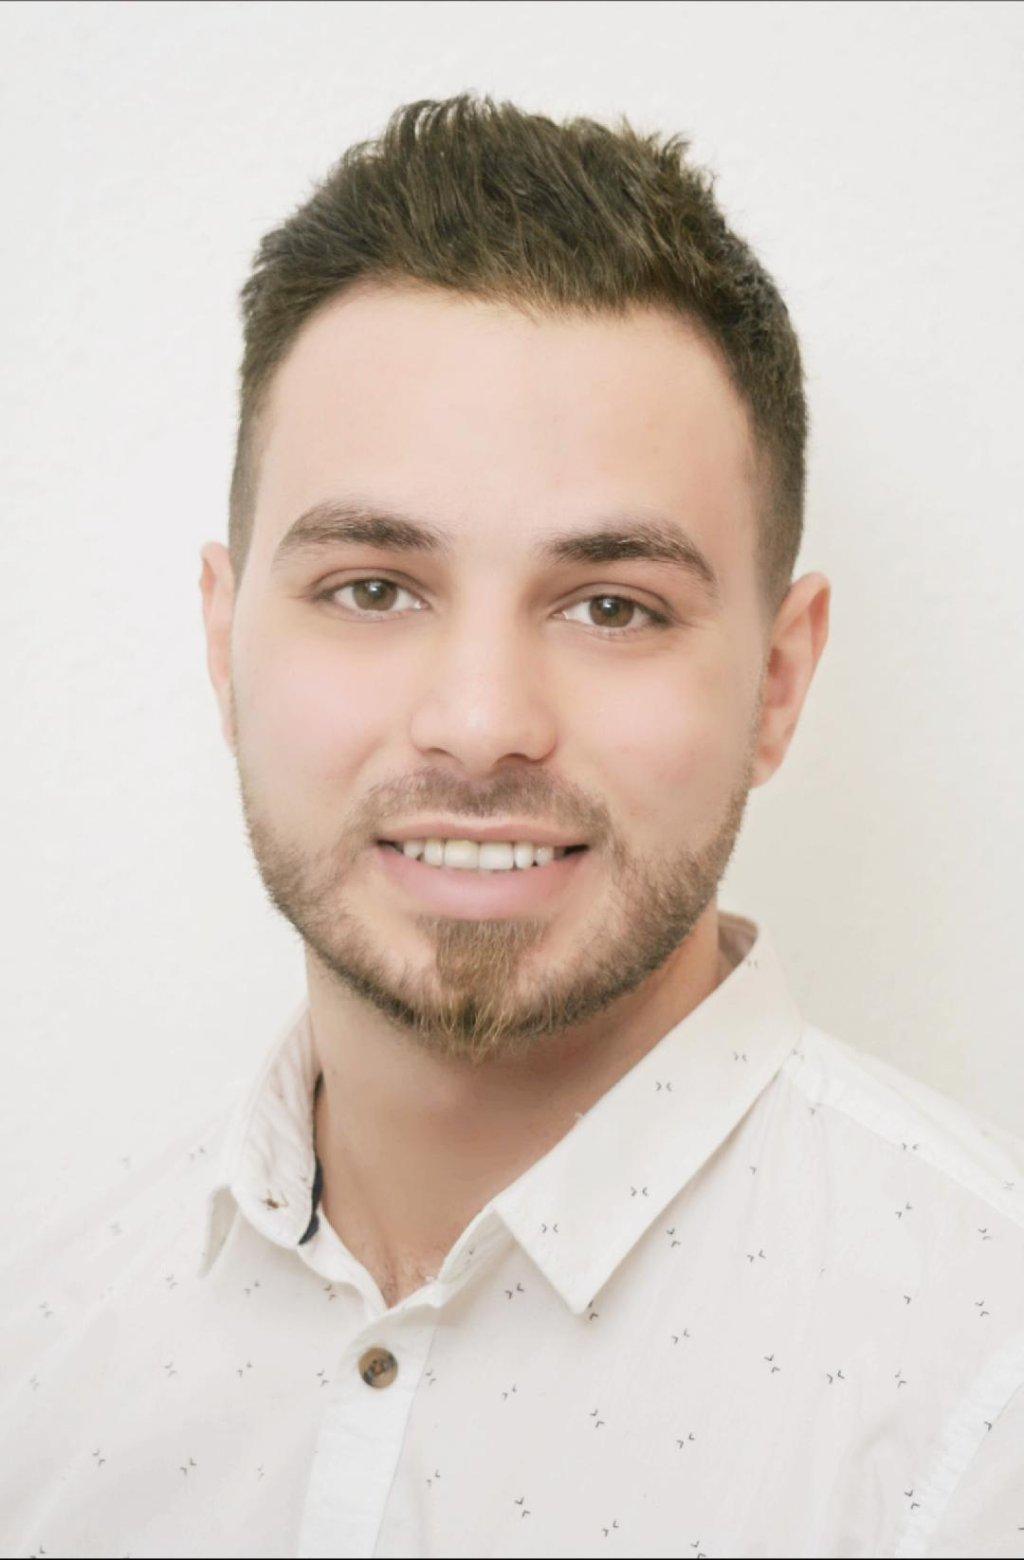 محمود كحيل لاجئ سوري نجح في الإندماج بألمانيا